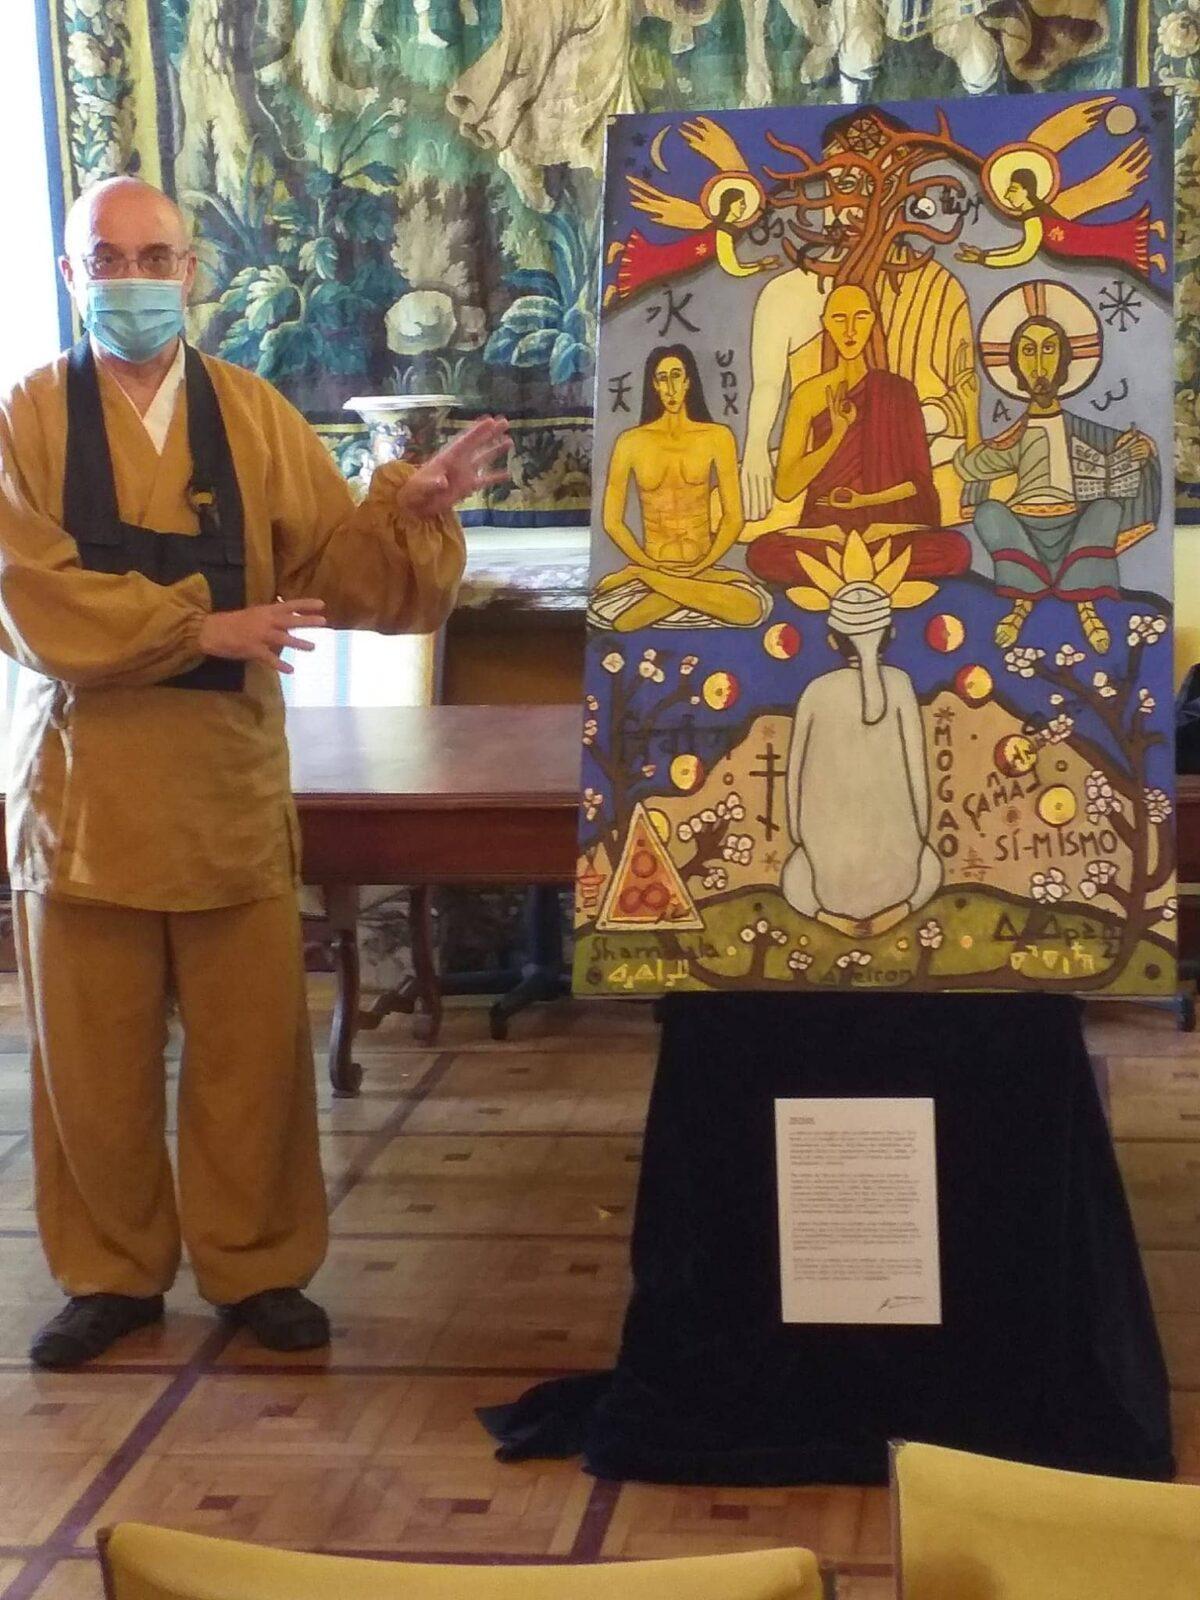 Sala de la Ruta de la Seda en el Palacio de Malferit. Líder del budismo Zen Aigo Seiga Castro